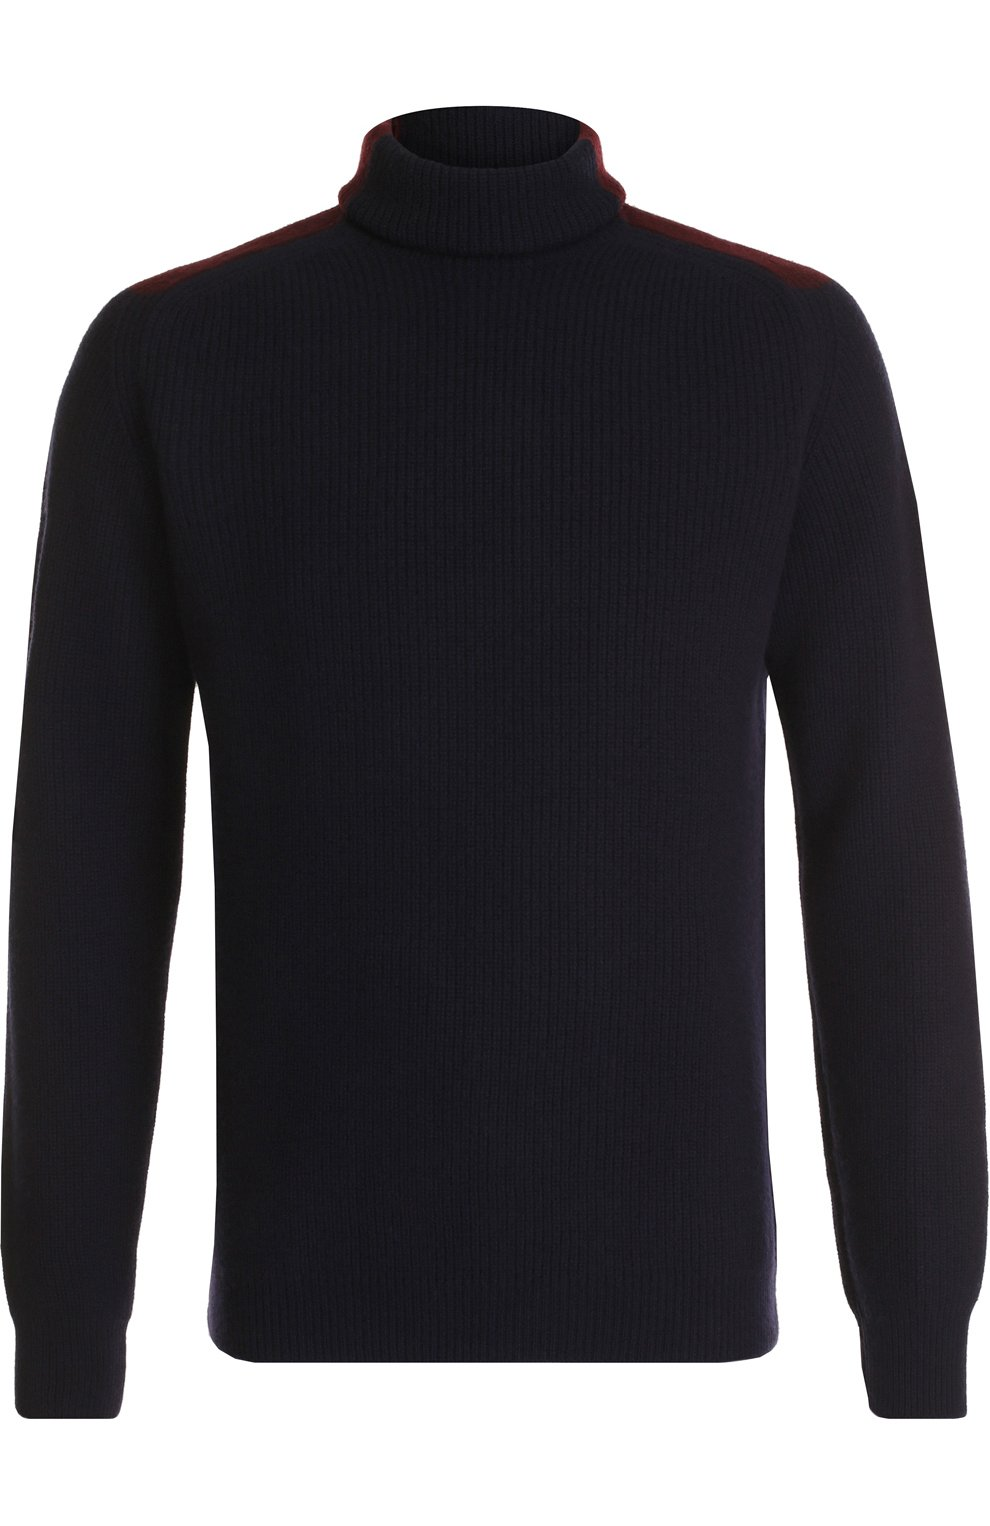 Шерстяной свитер фактурной вязки с воротником-стойкой   Фото №1